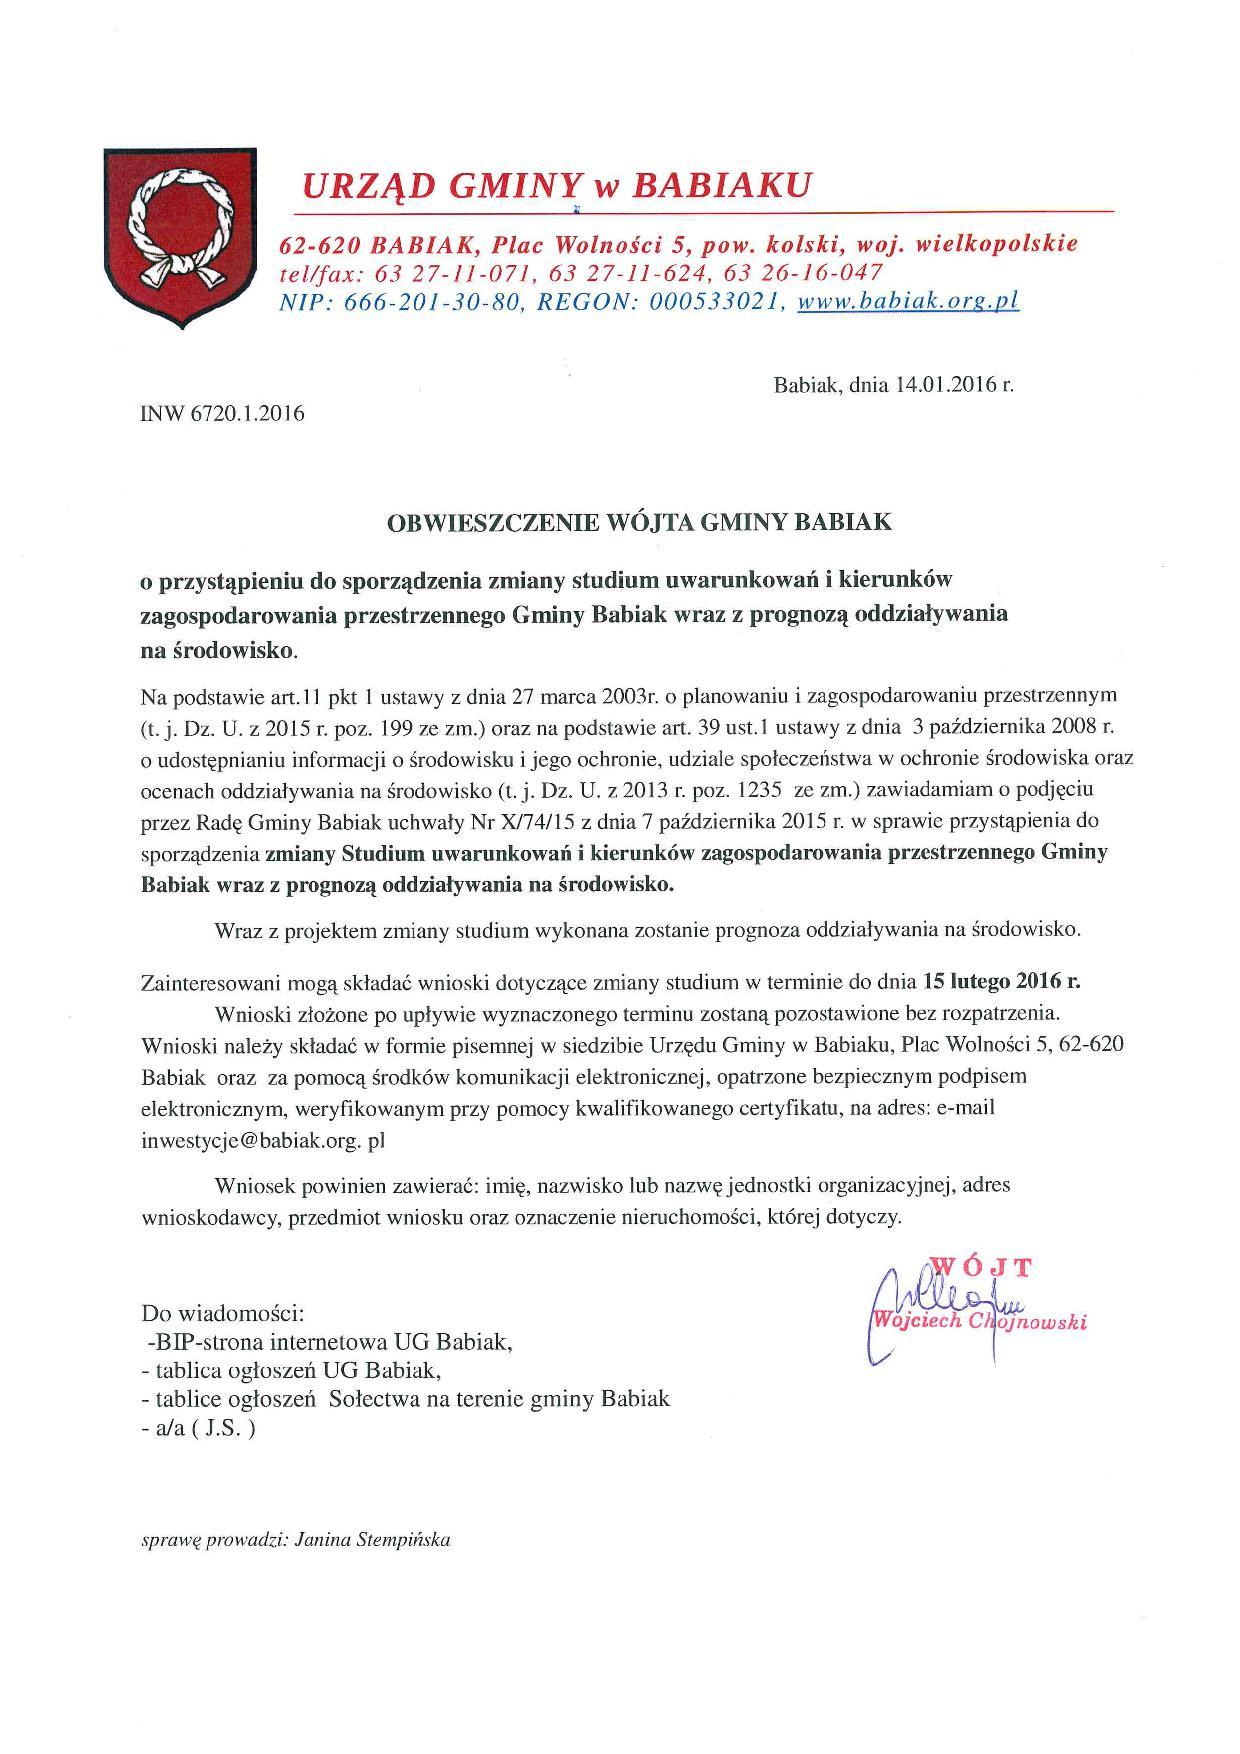 Obwieszczenie Wójat Gminy Babiak w sprawie przystąpienia do zmiany zmiany studium uwarunkowań i kierunków zagospodarowania przestrzennego Gminy Babiak wraz z prognozą oddziaływania na środowisko.